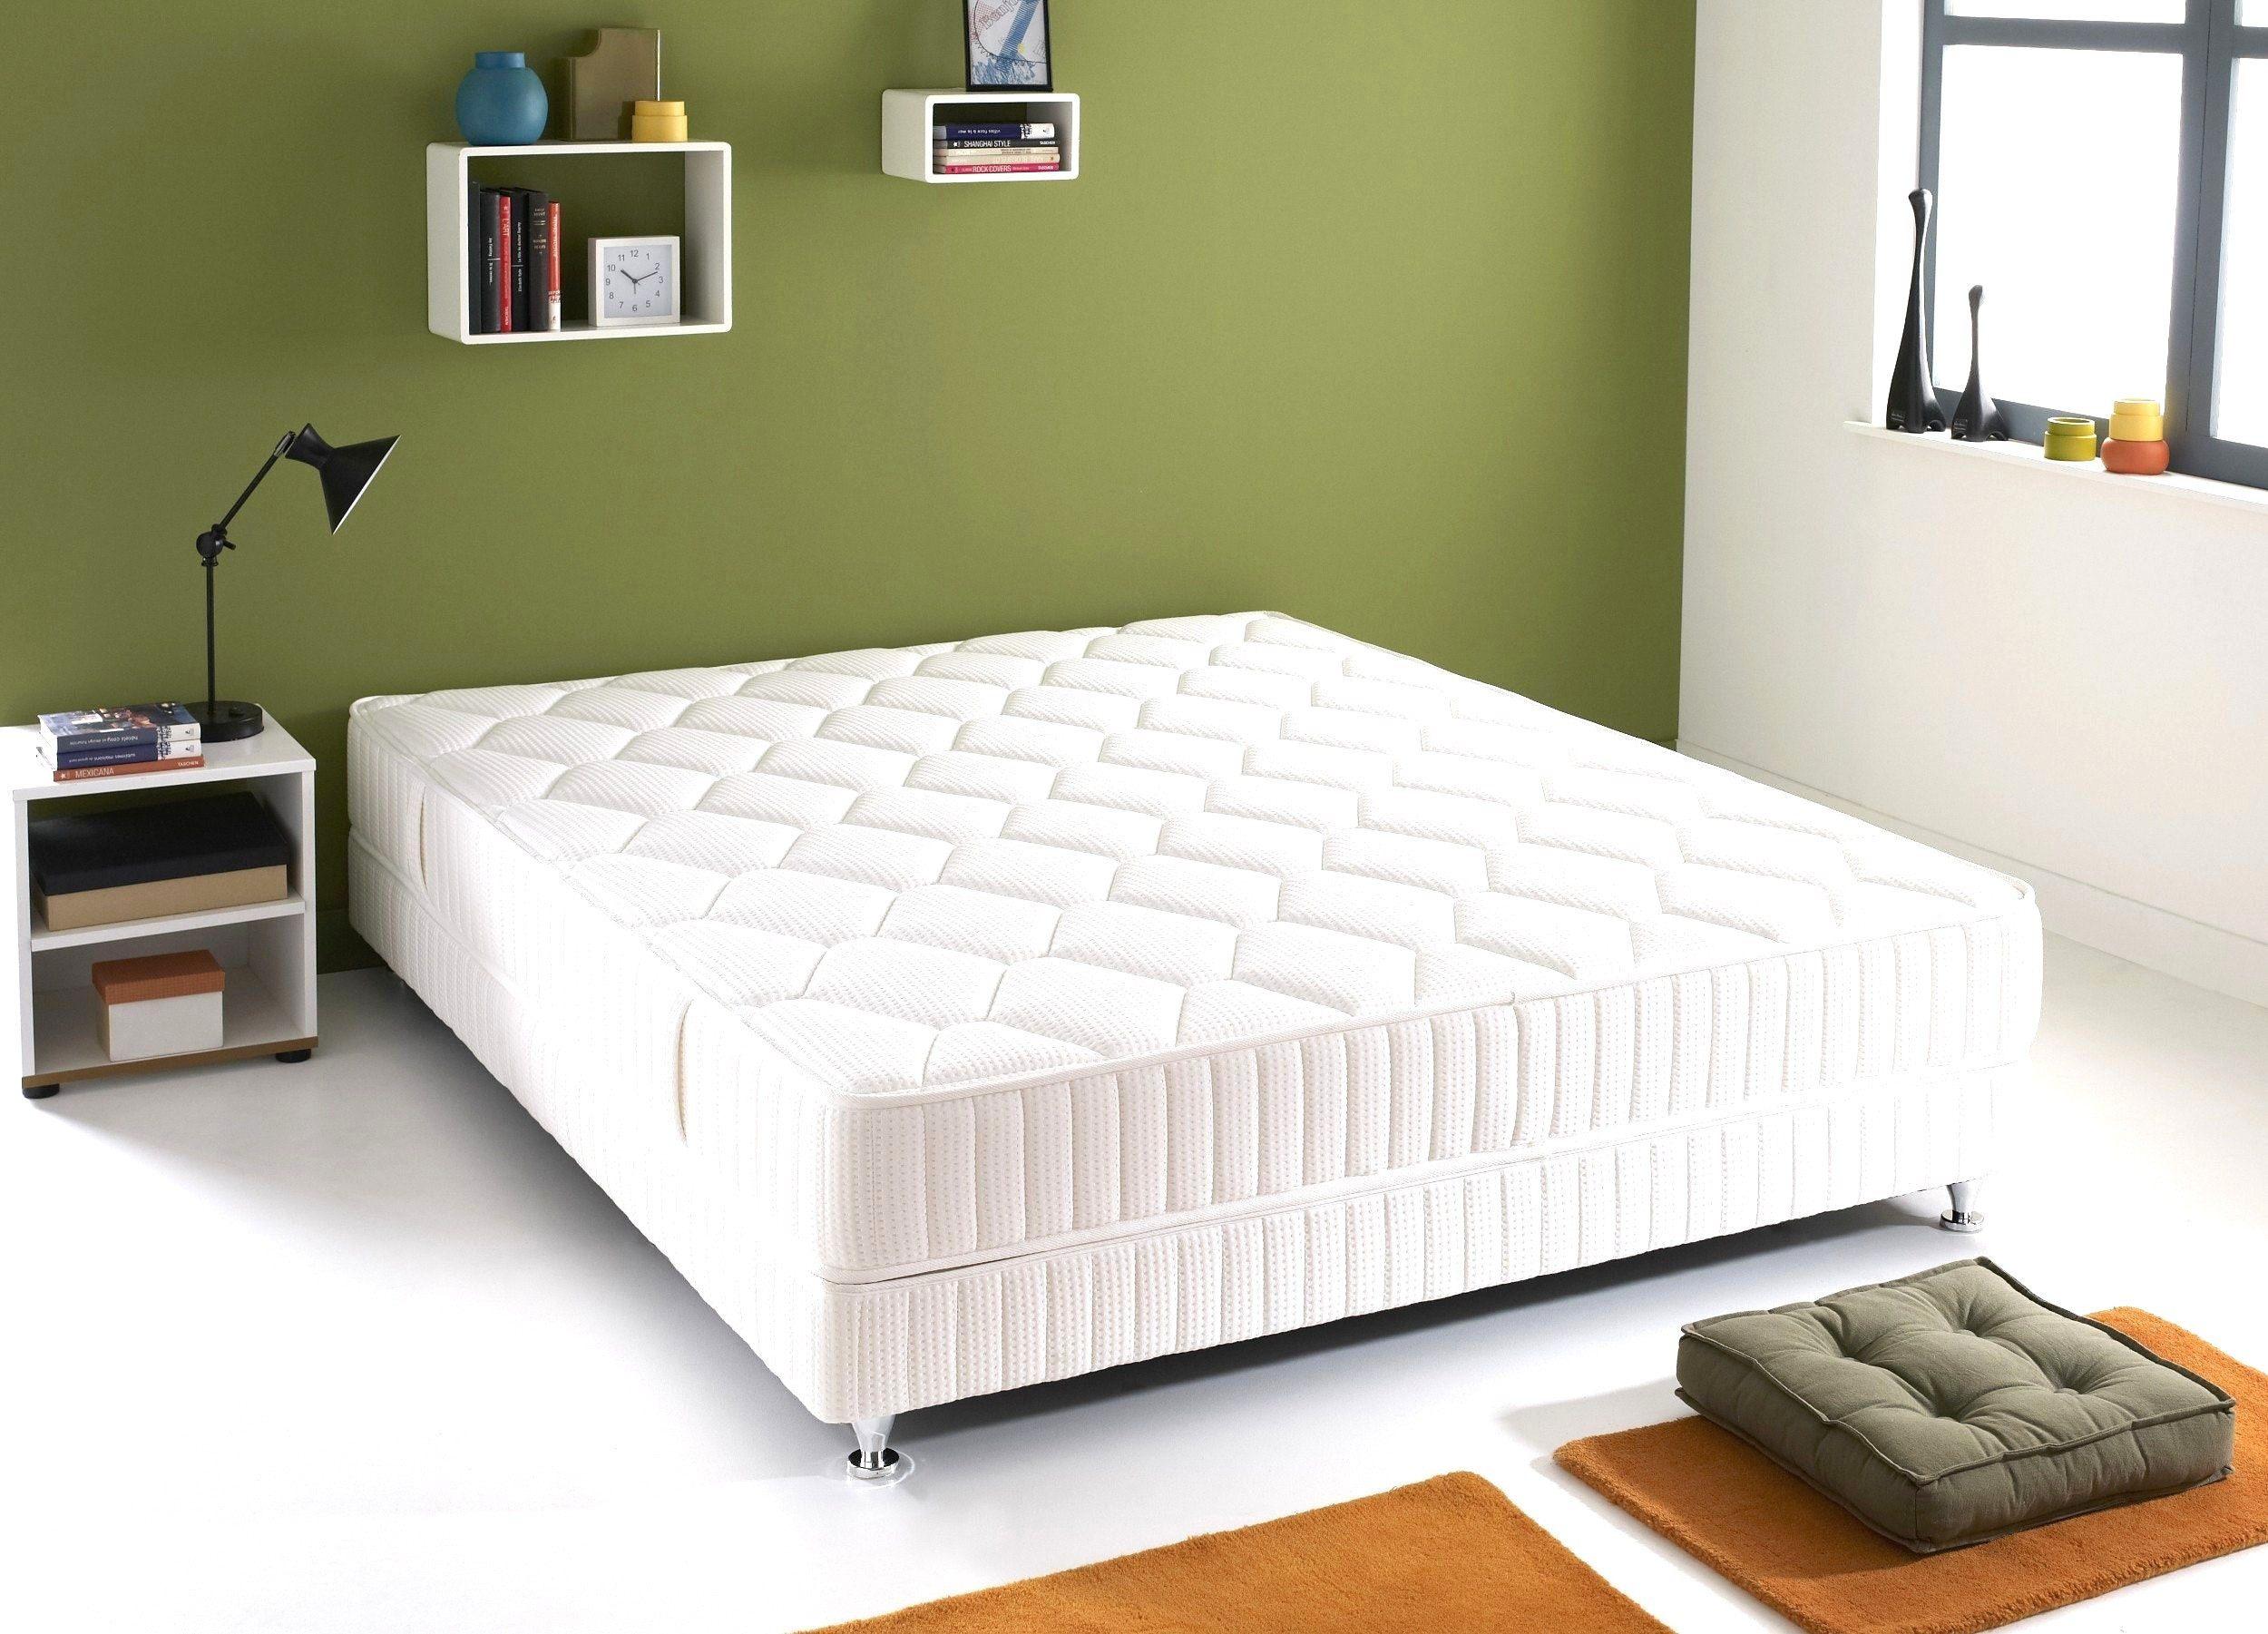 Lit En Bois 160x200 Charmant Lit Design 160—200 Prodigous Image Tate De Lit Bois Ikea Lit 160—200